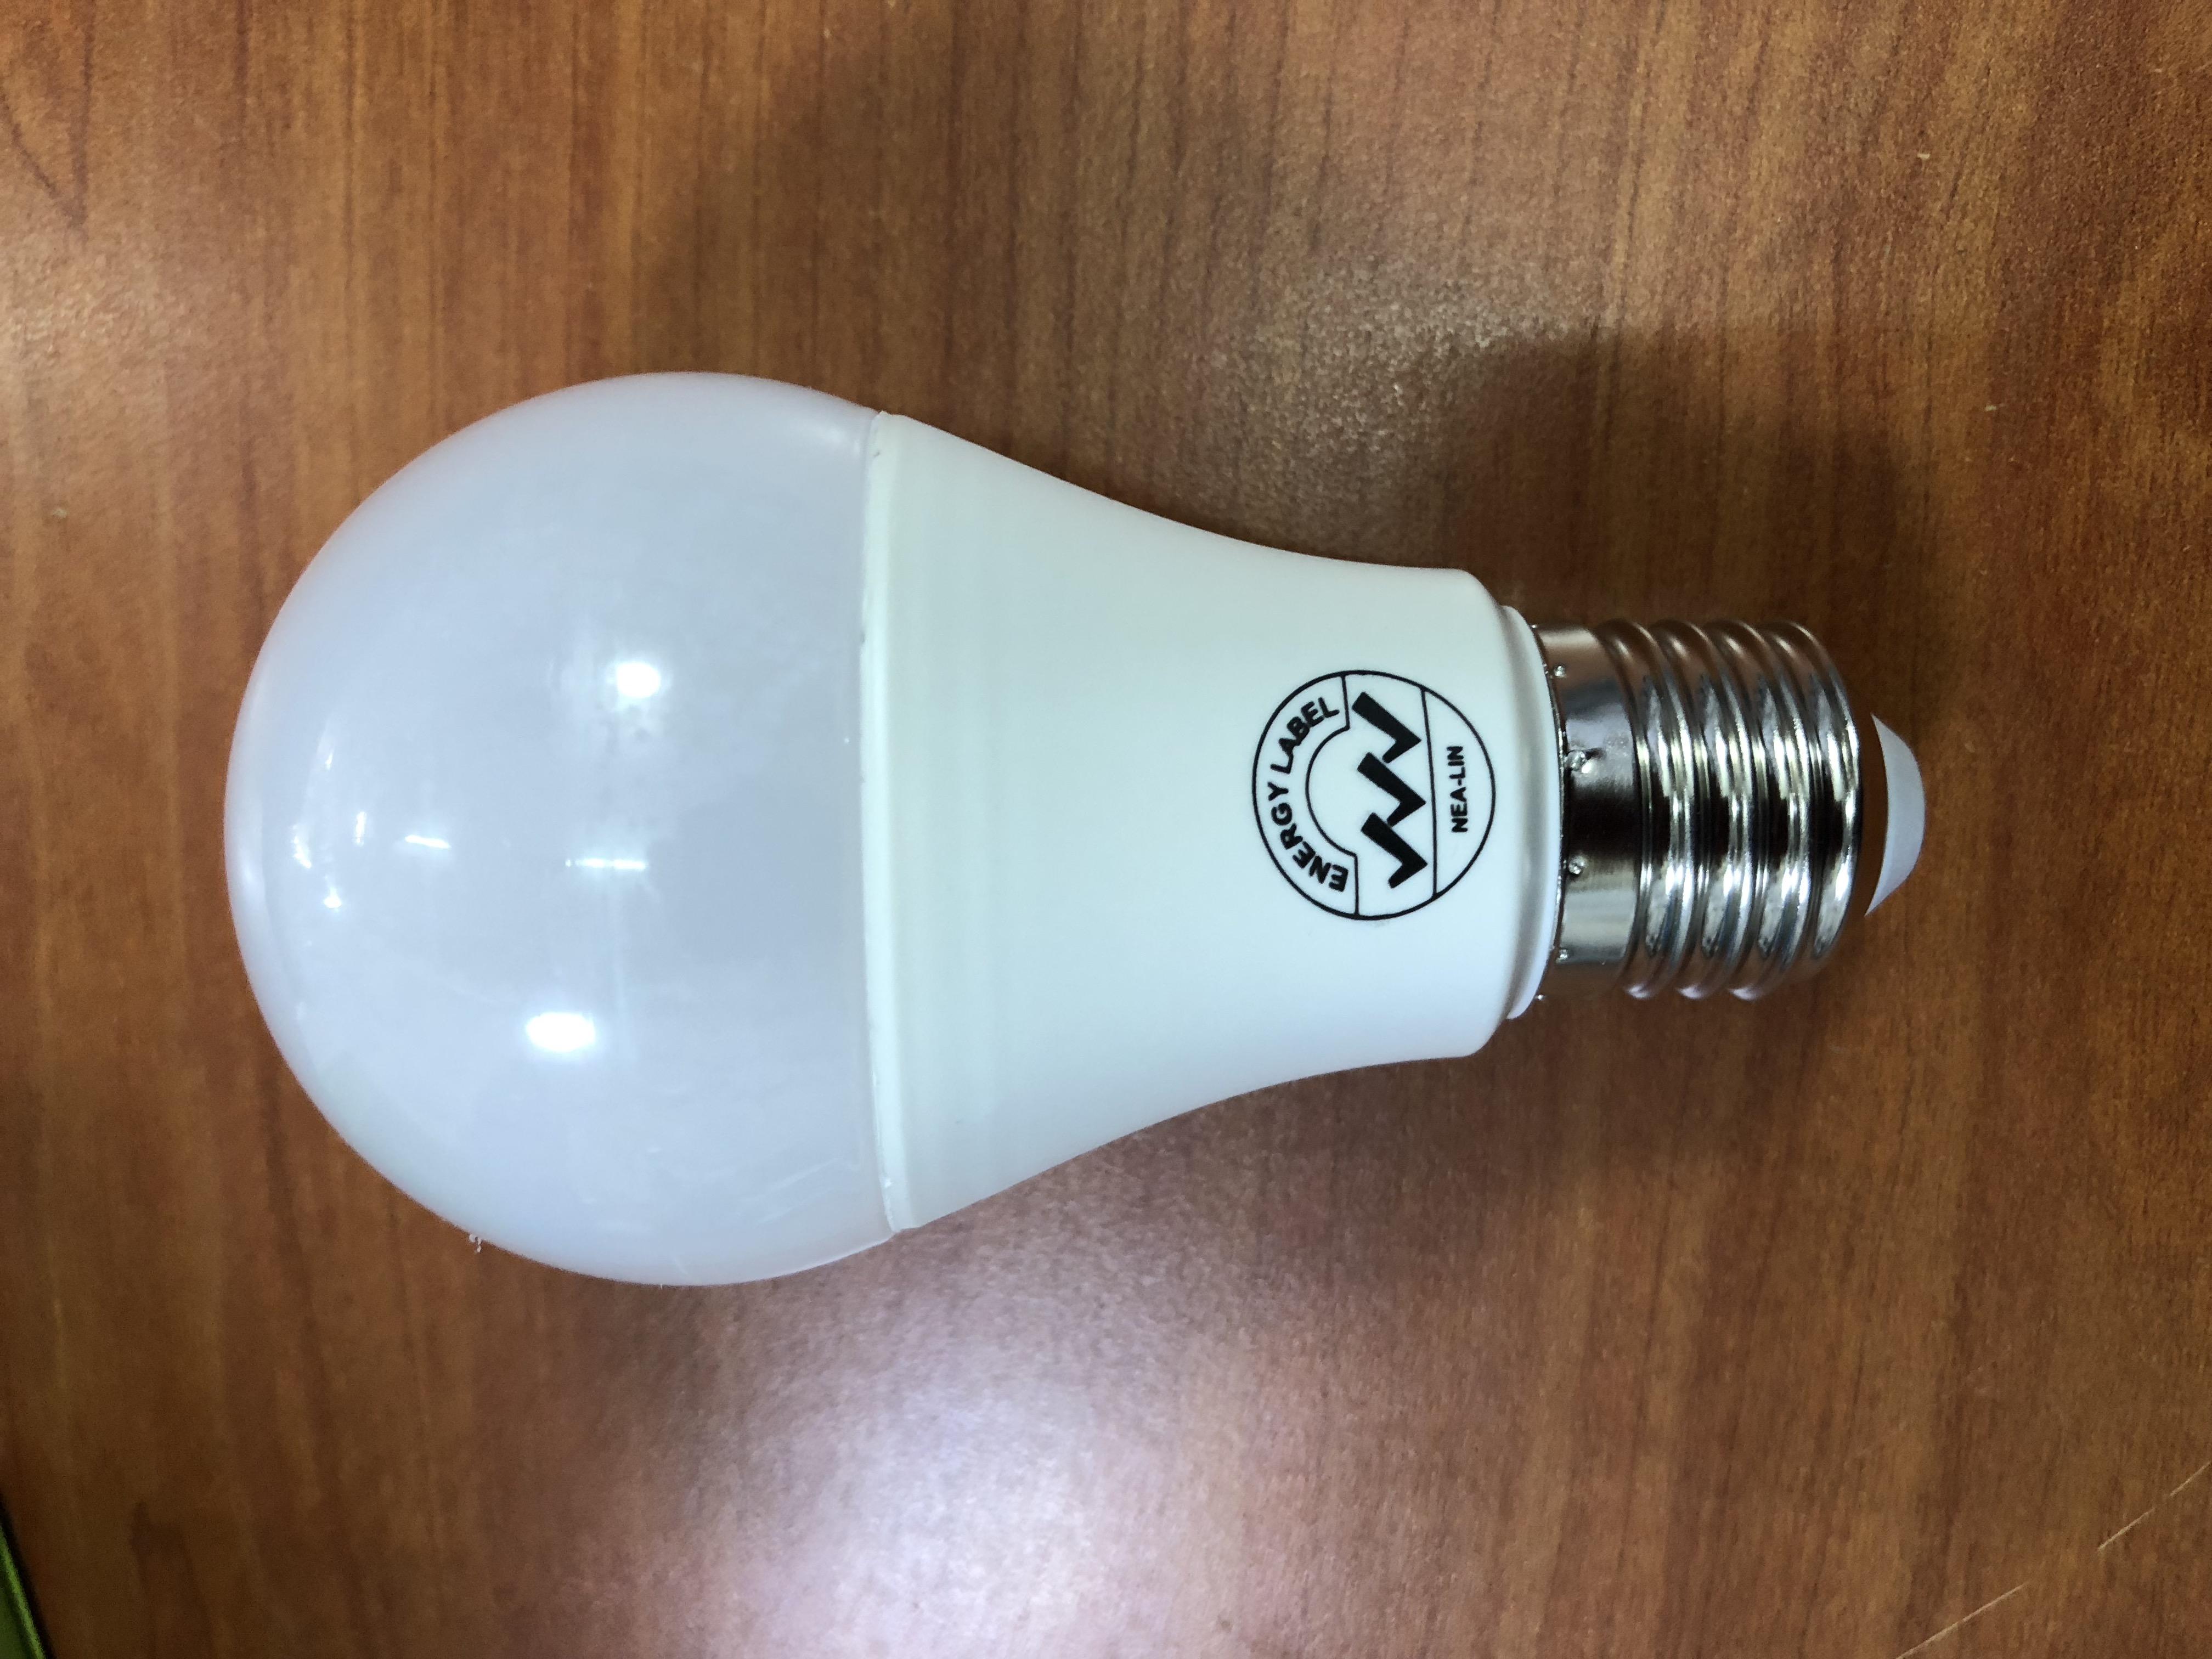 e27-globe-led-bulb-sembawang-lighting-house.jpg